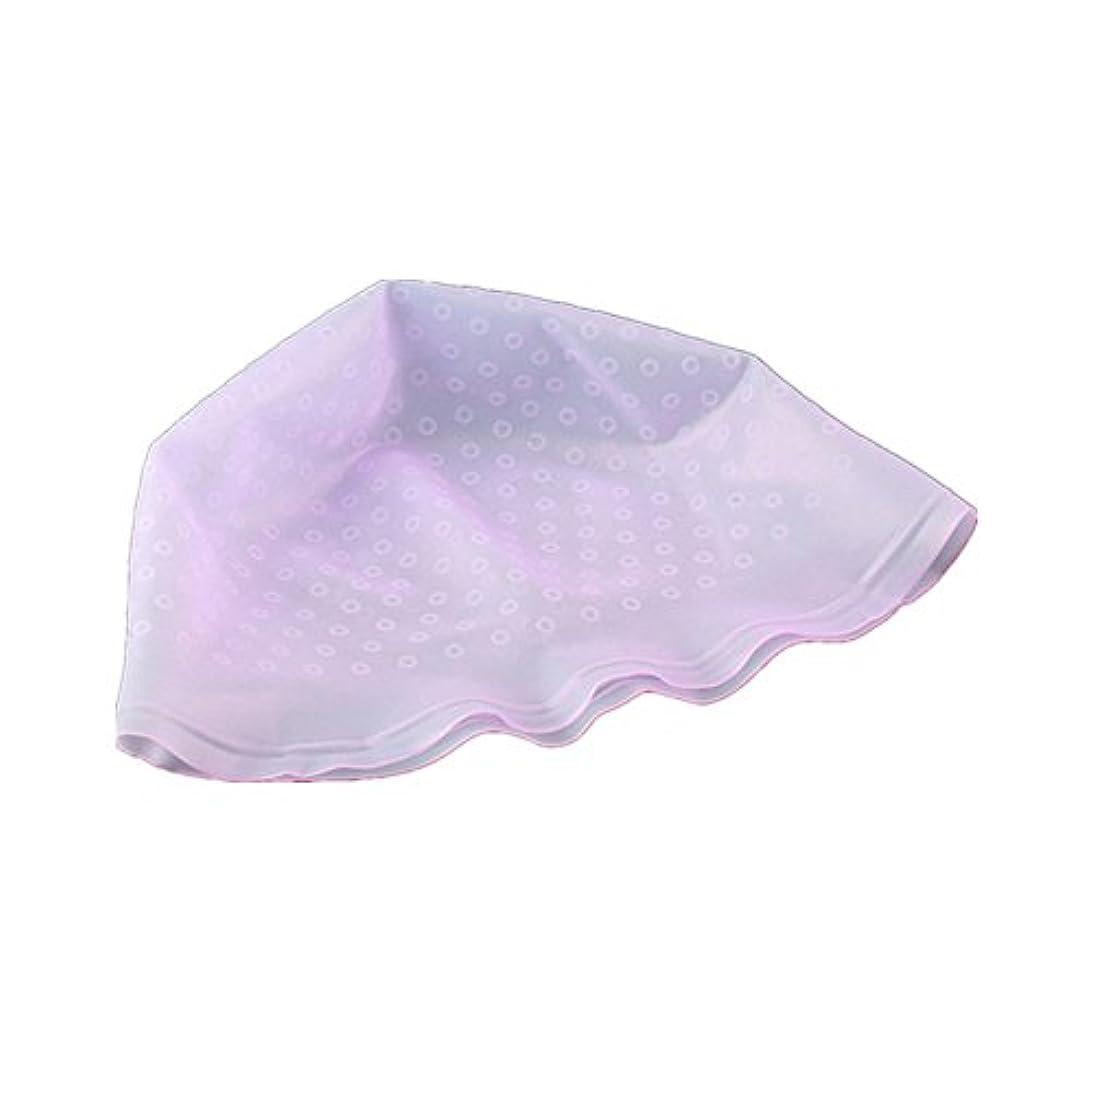 たっぷりわな二度AMAA 毛染め用 キャップ ヘアカラーキャップ 再利用可能 染め専用 ボンネット ヘアカラー (ピンク)